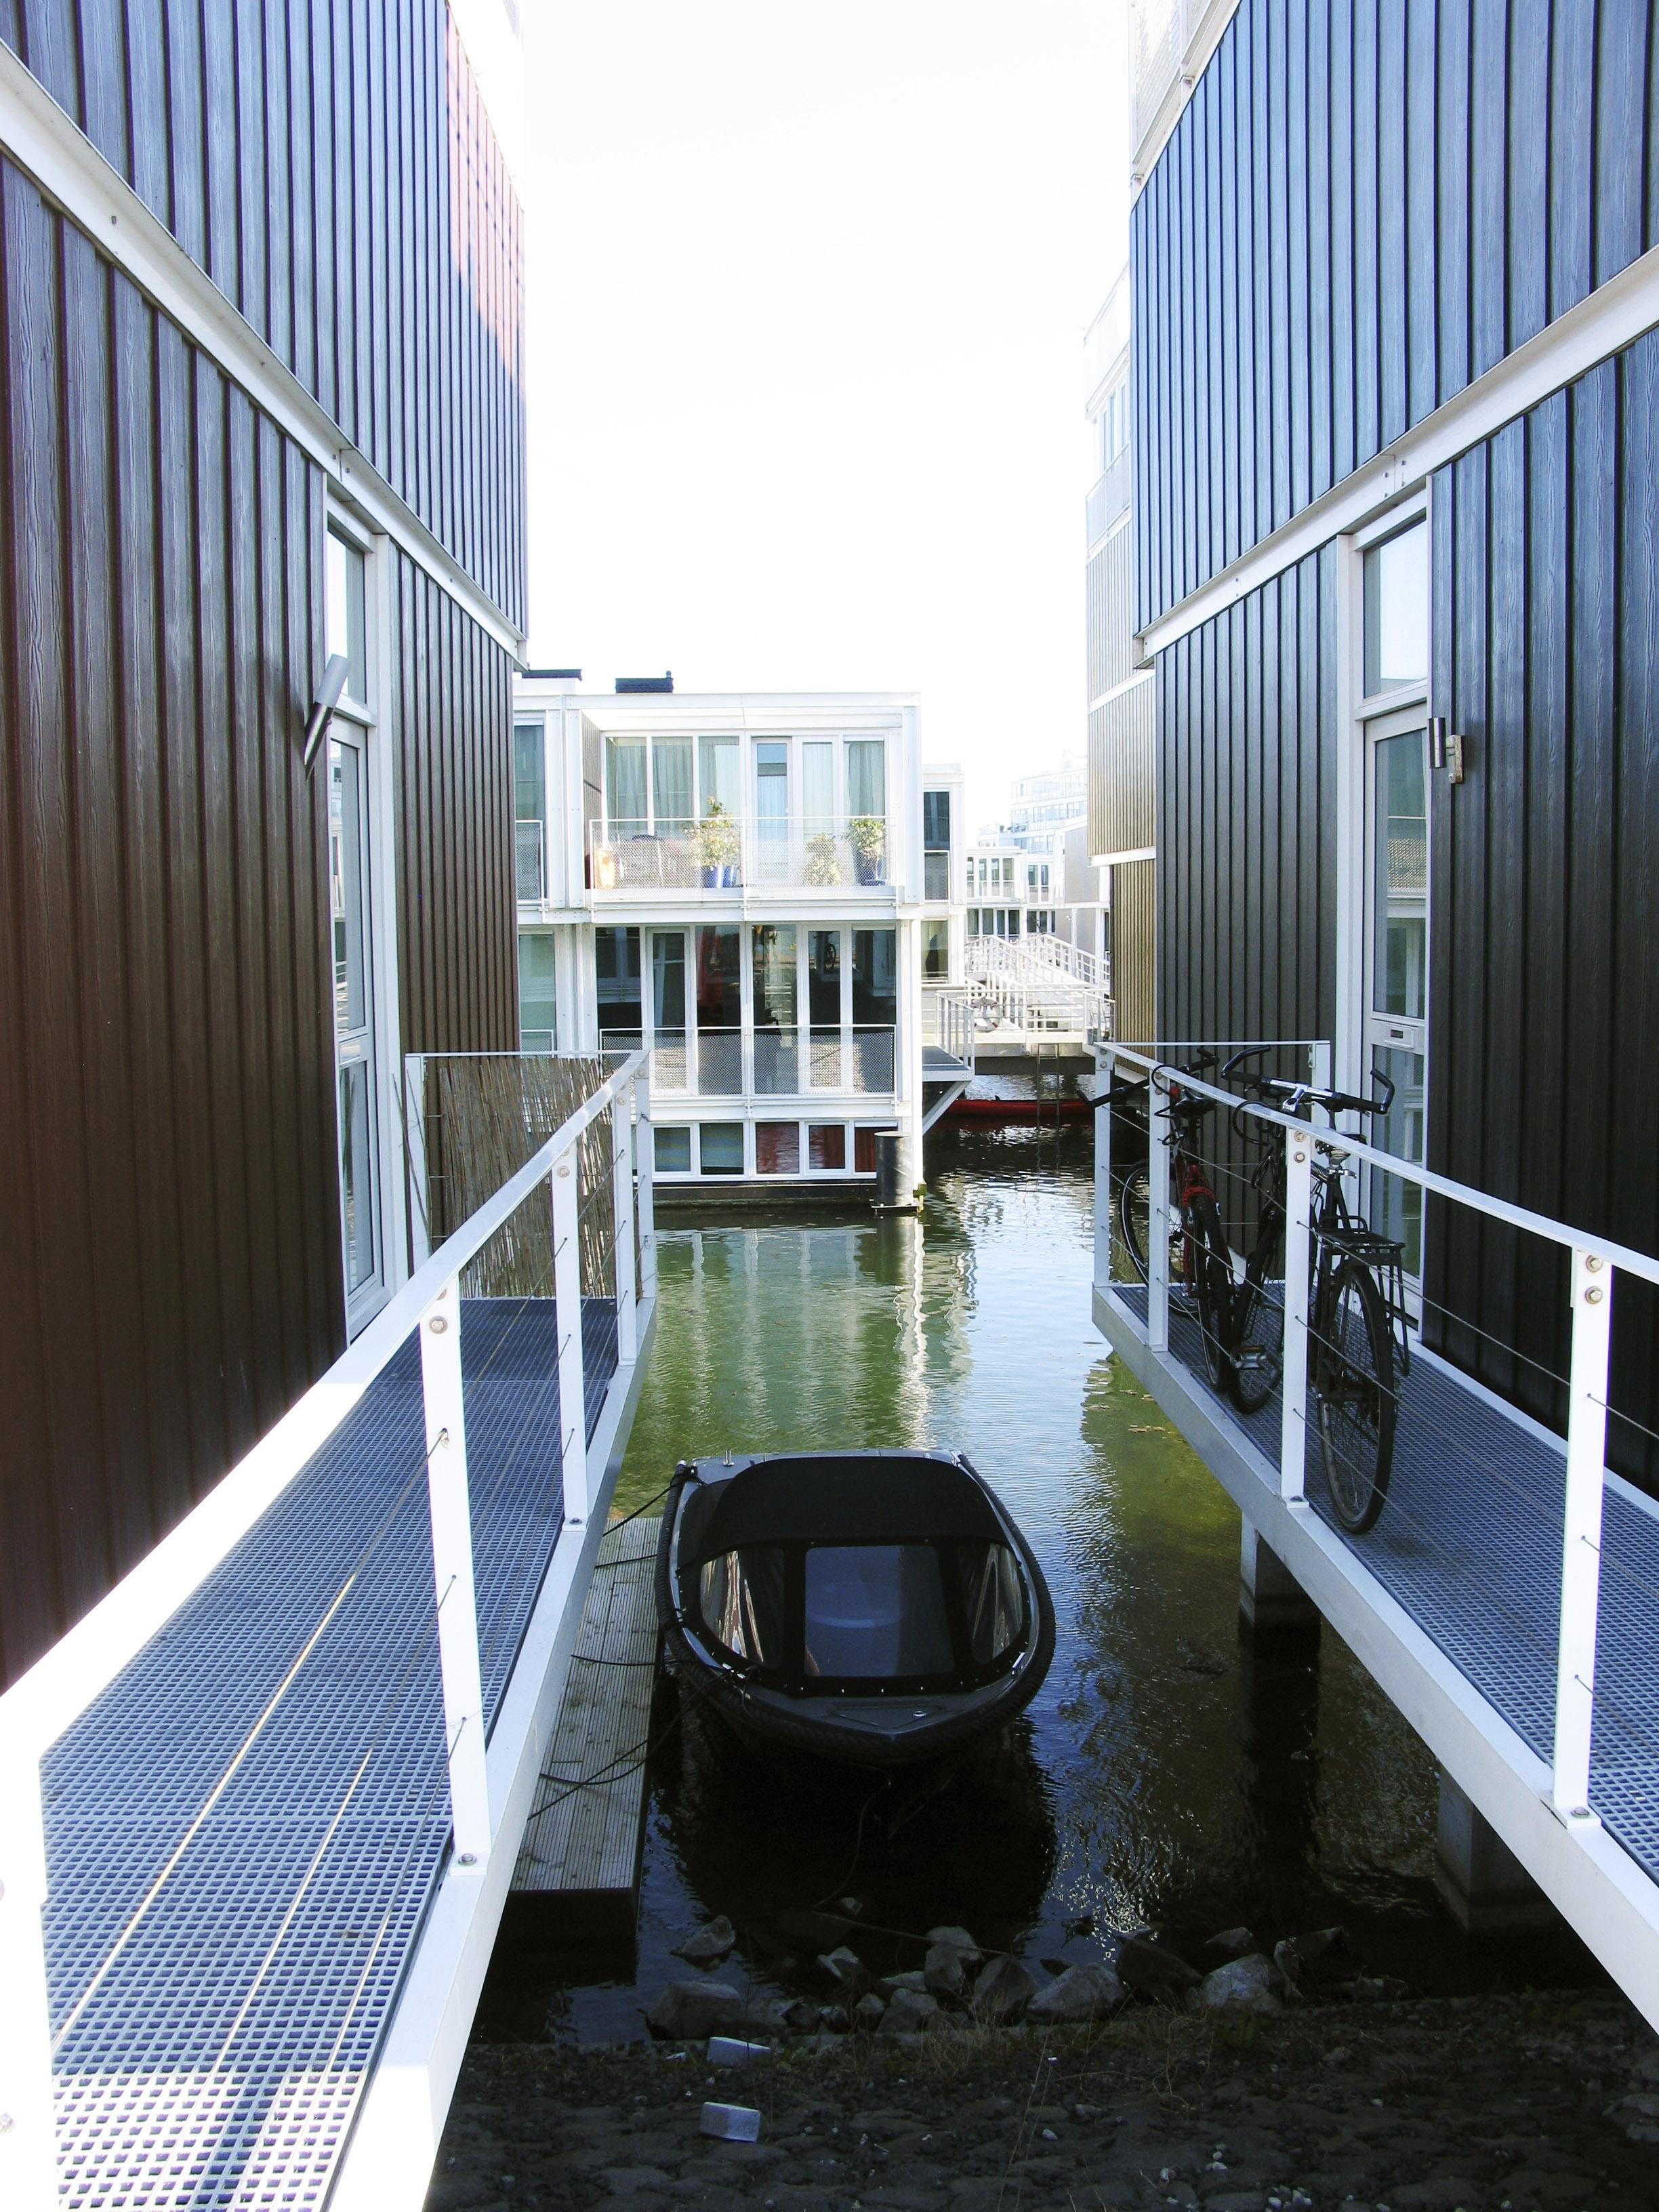 Architetti famosi le case anfibio sulle isole artificiali for Case di architetti